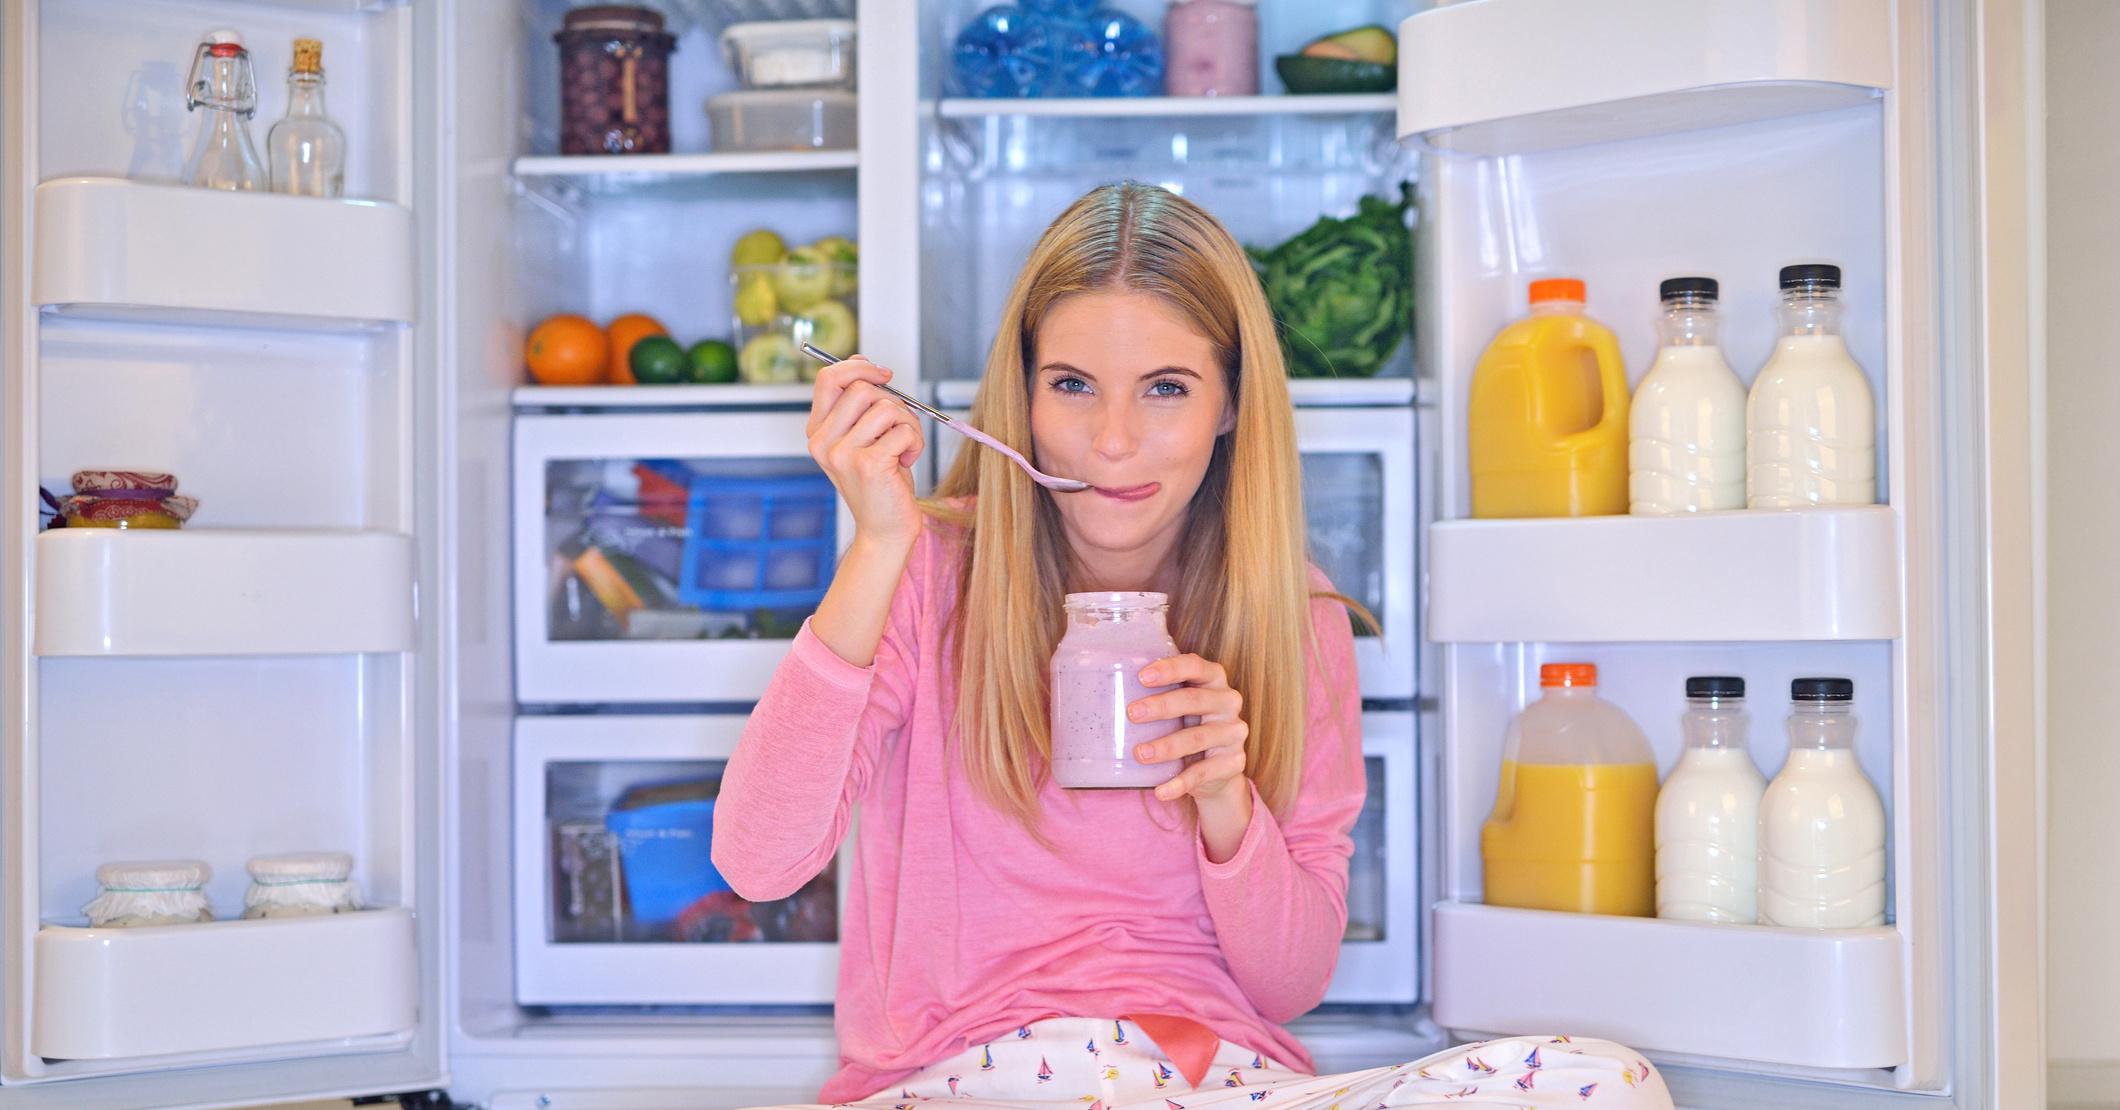 Простокваша в домашних условиях - Рецепты || Простокваша из молока в домашних условиях